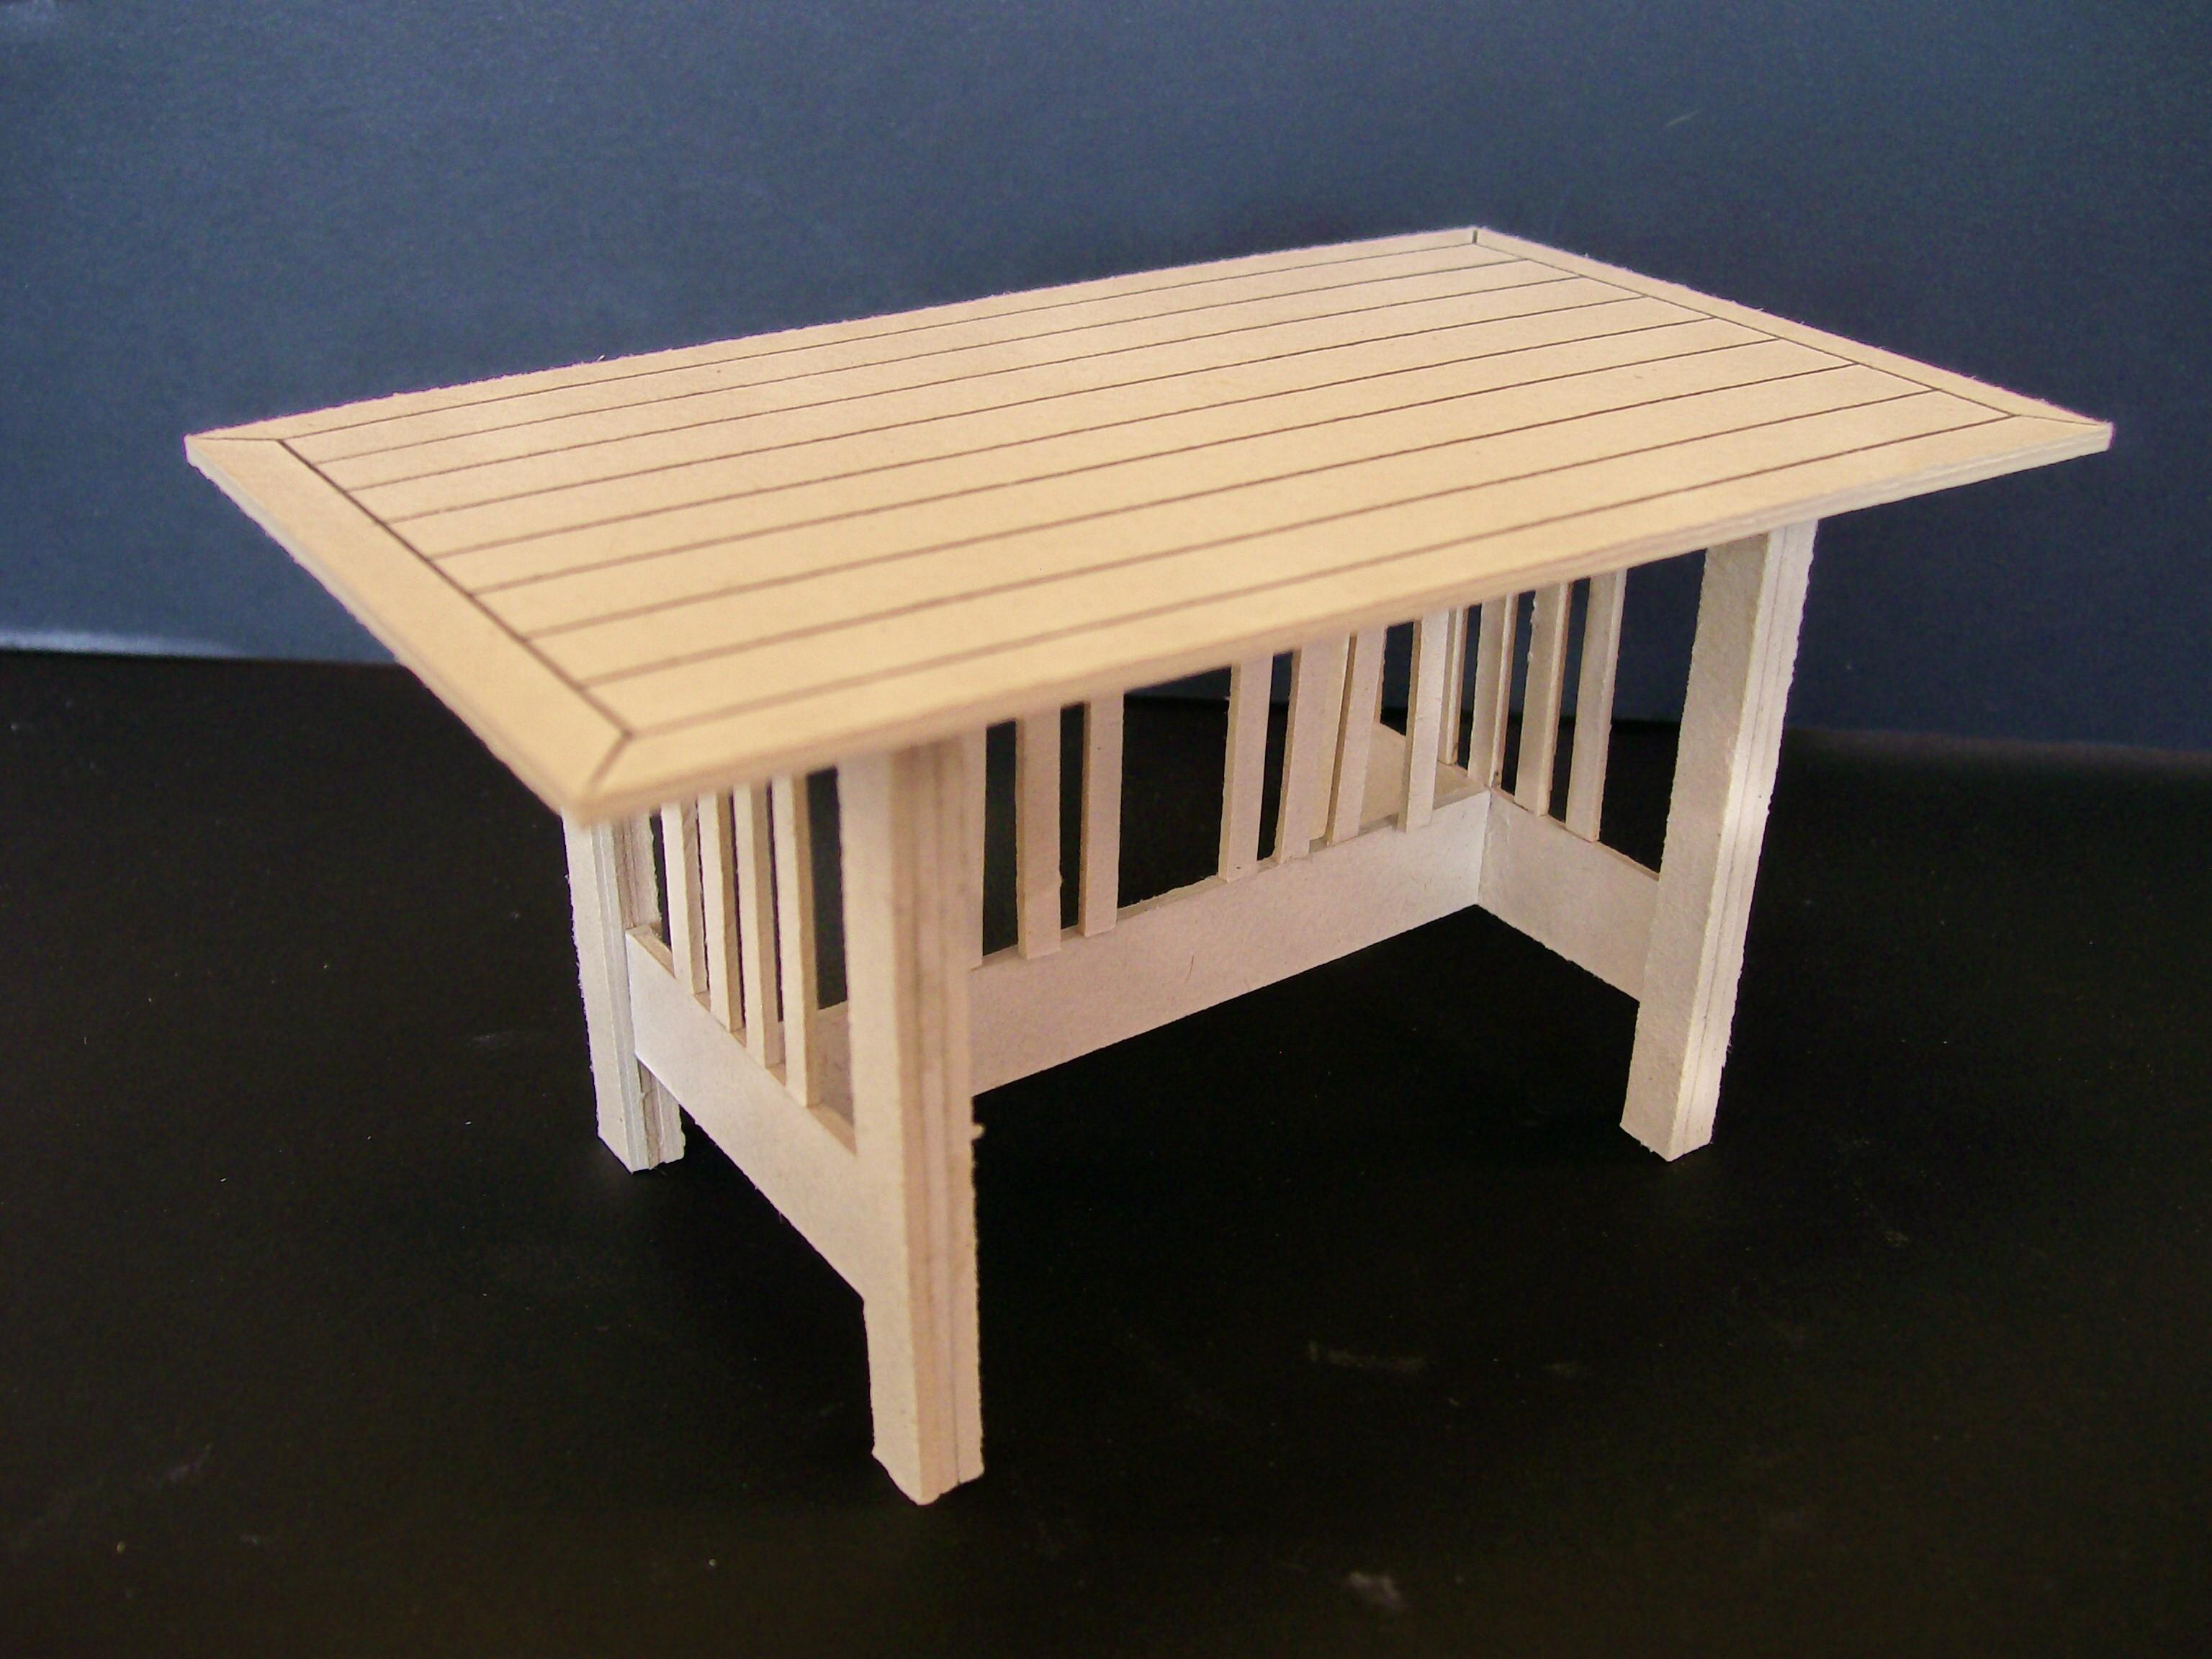 Miniaturas de mobiliário Maquetes Volumétricas #996B32 3072x2304